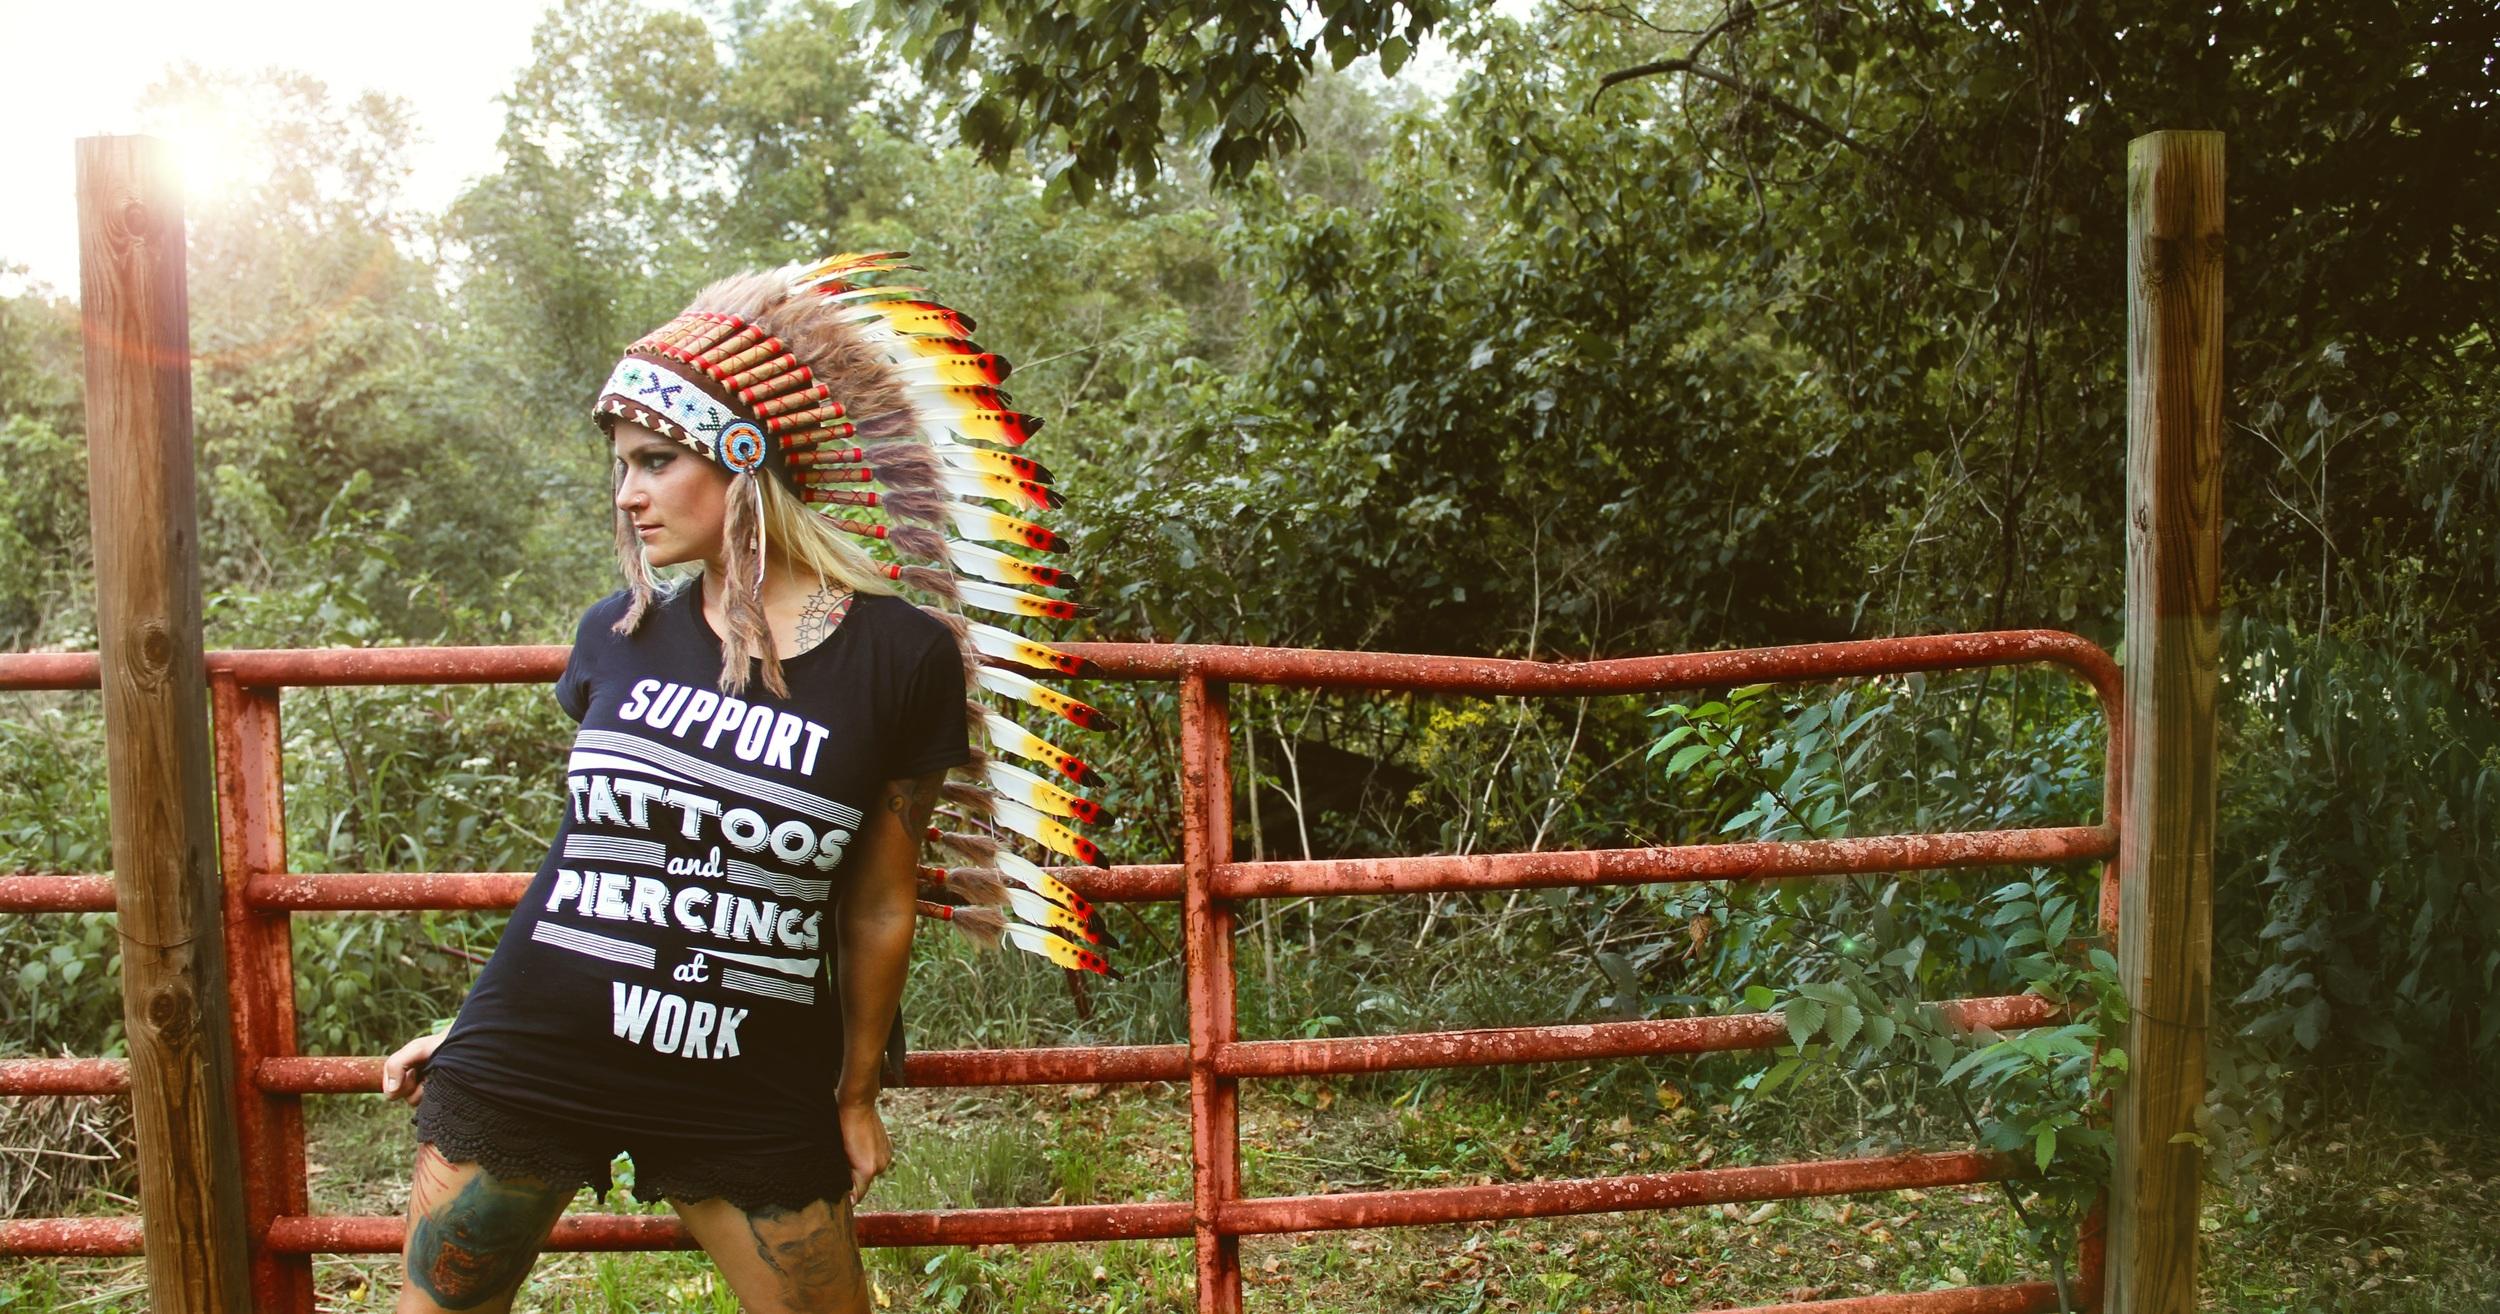 woman fashionista festival